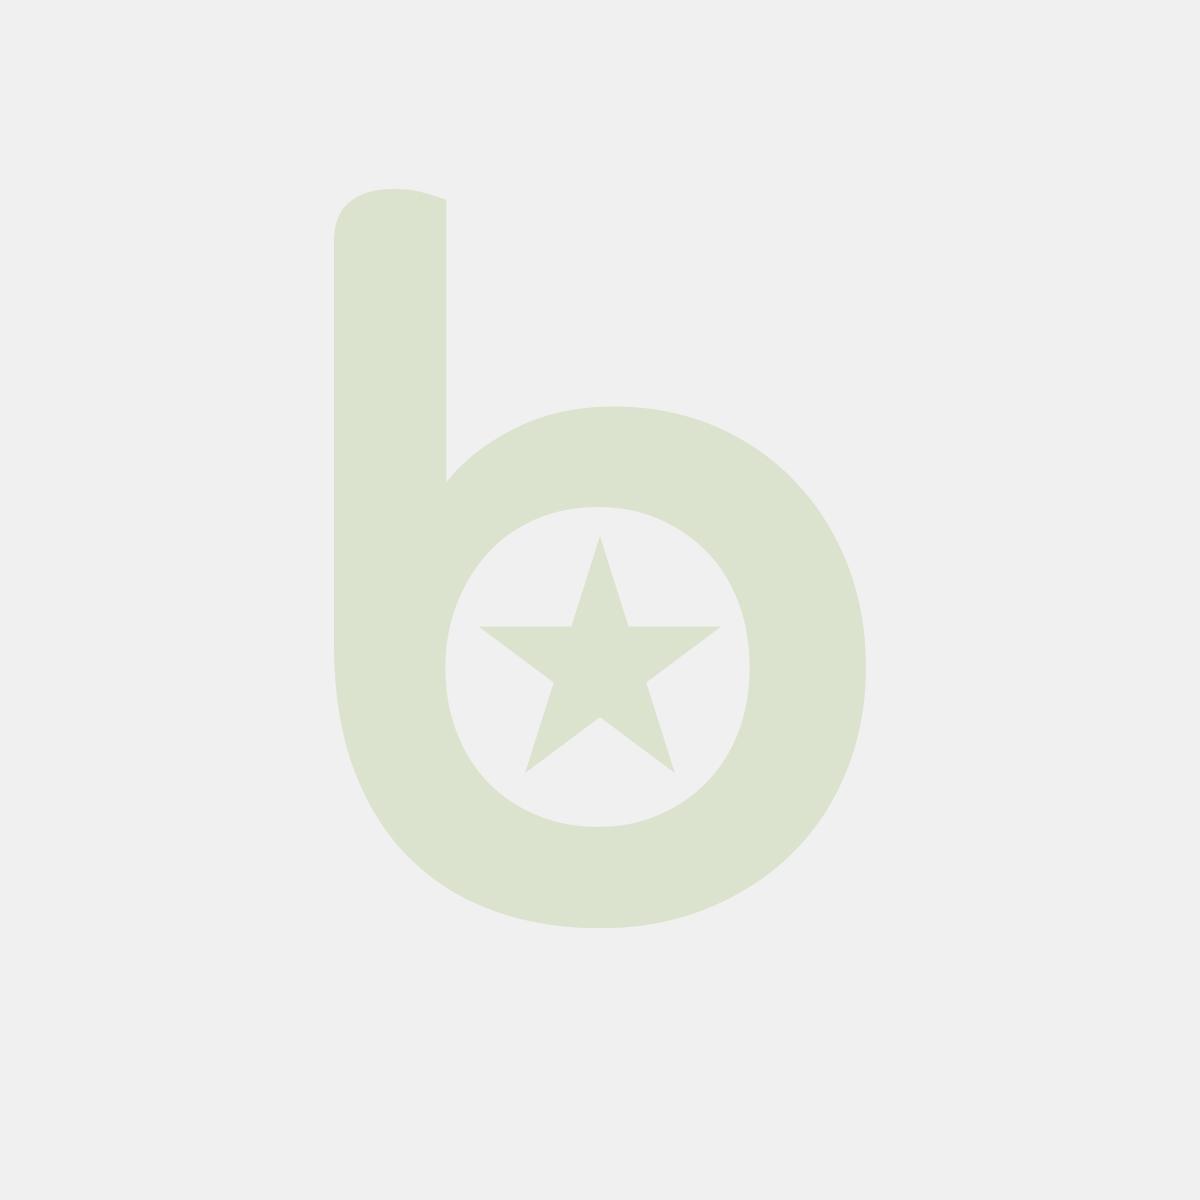 Tacka styropianowa biała nr 3S (225x180x17mm), cena za 600 sztuk